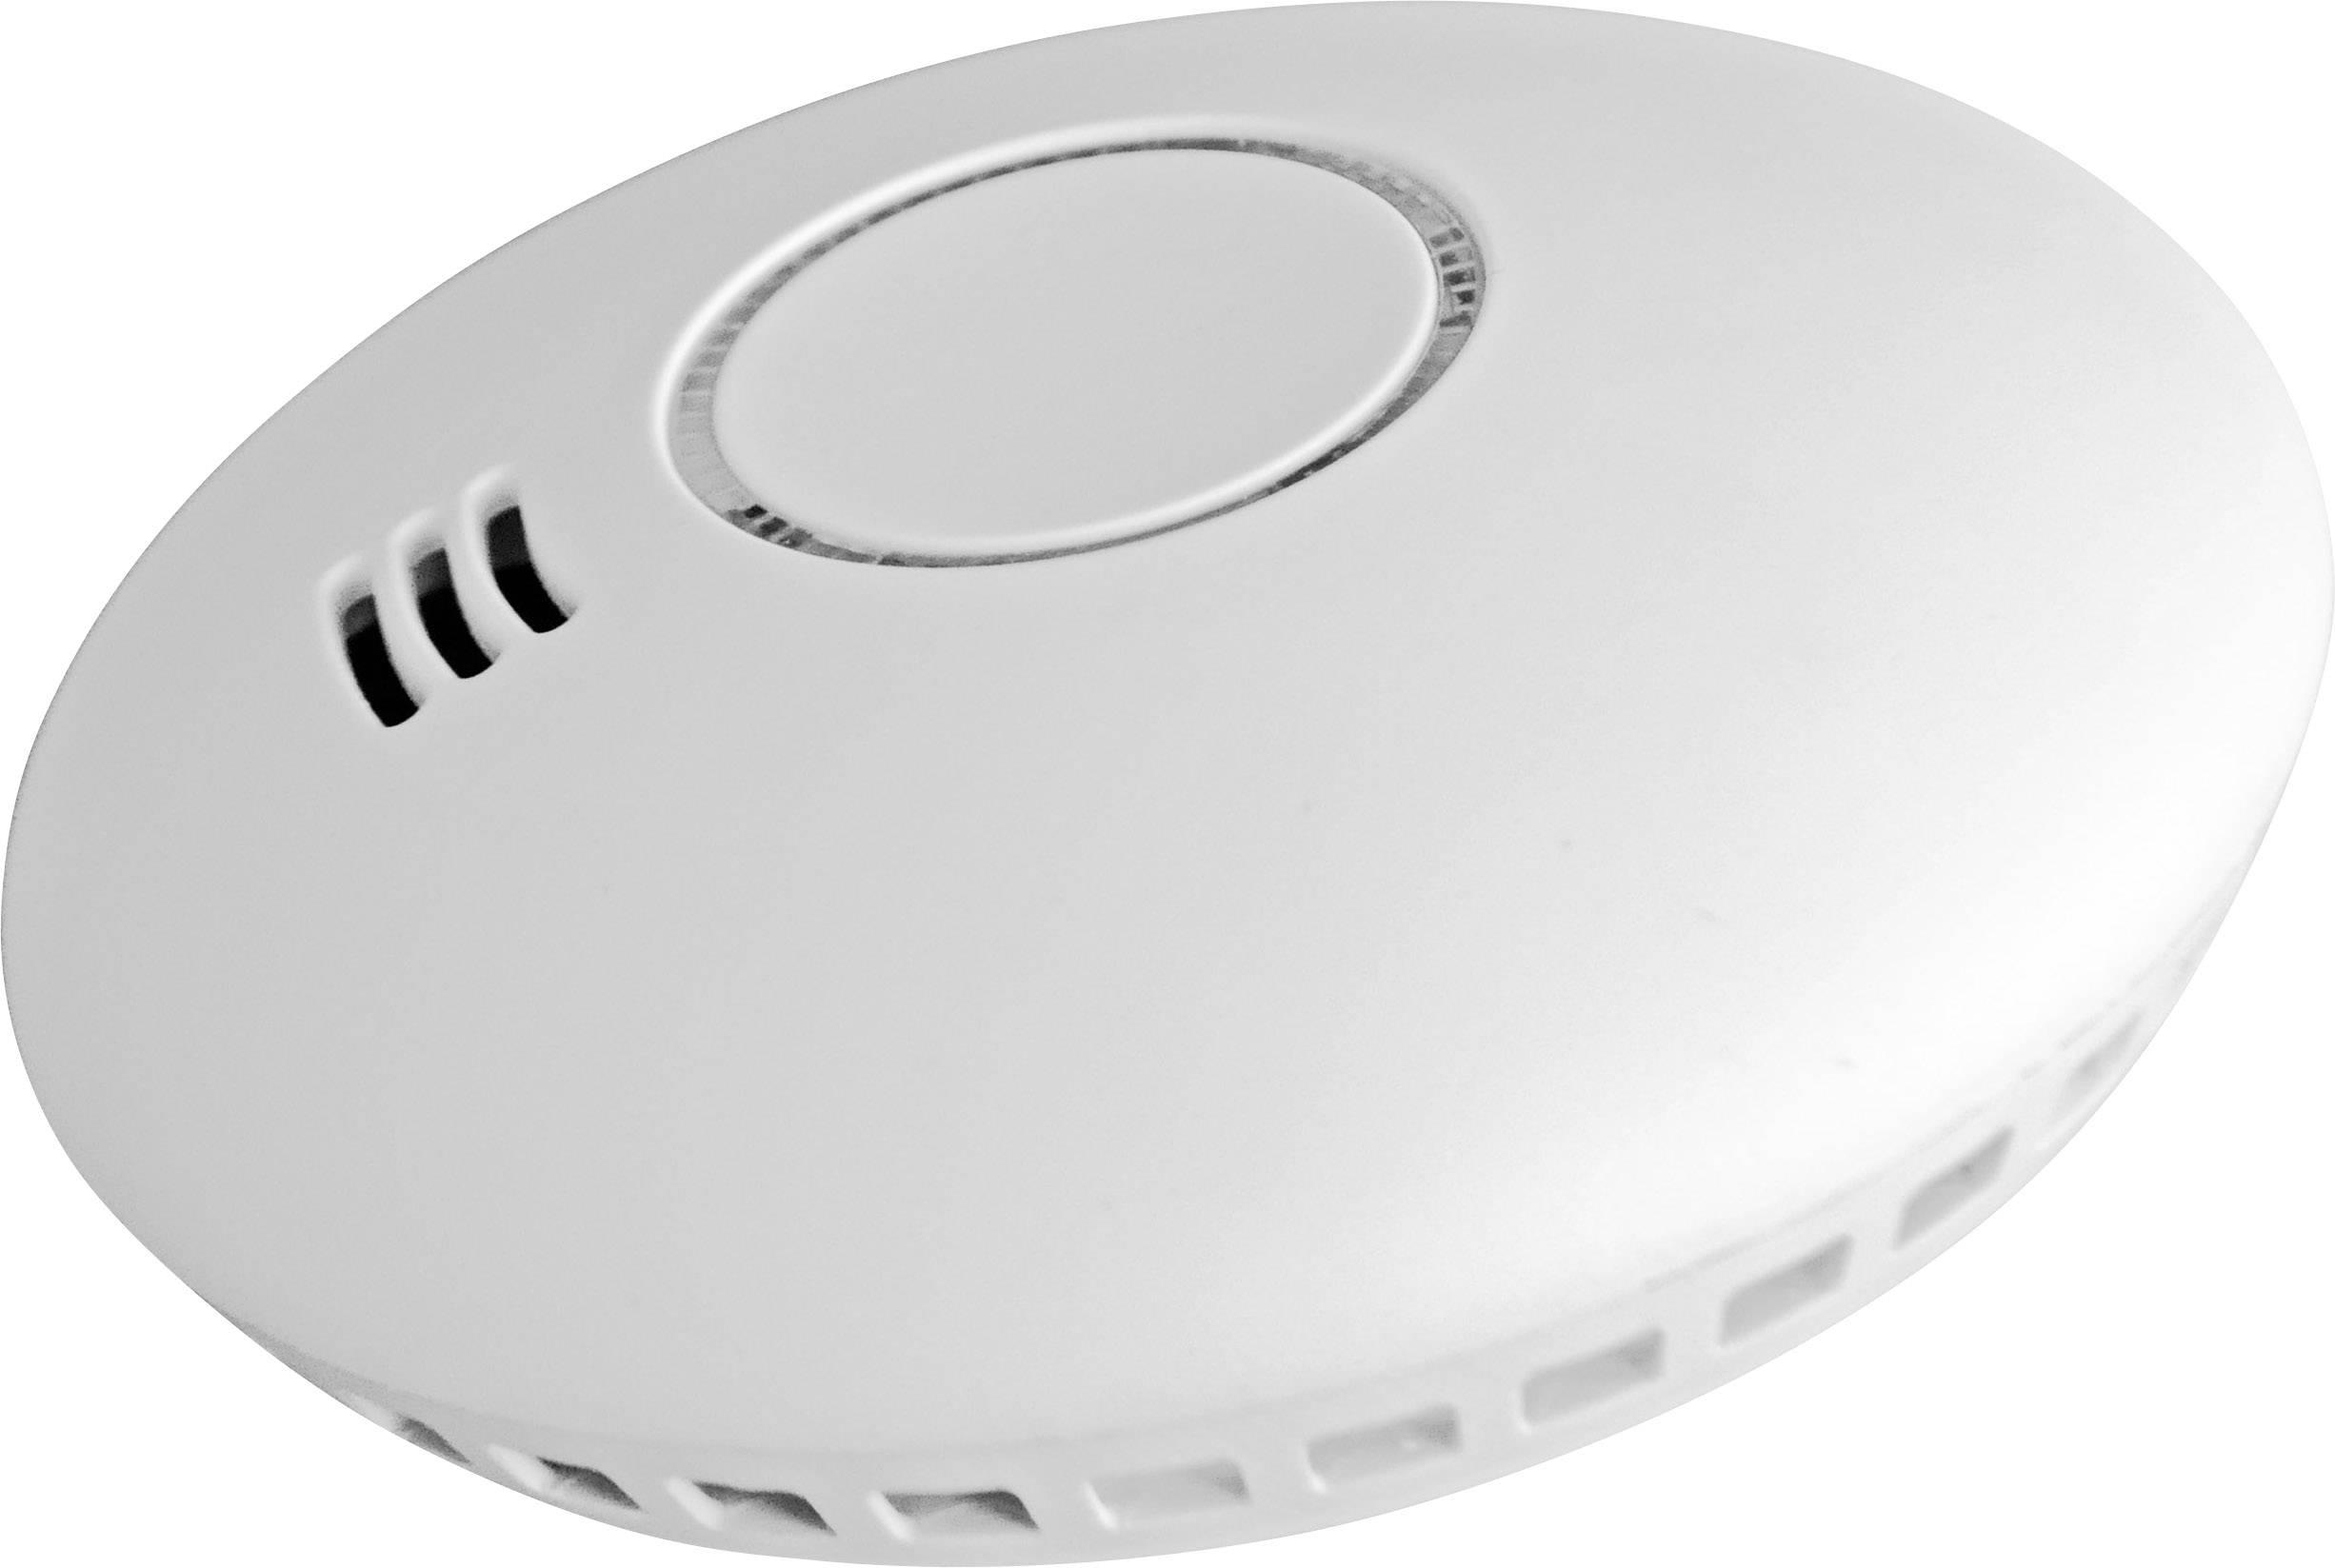 Bezdrátový detektor kouře a tepla Cordes Haussicherheit CC-80, možnost vzájemného propojení, na baterii